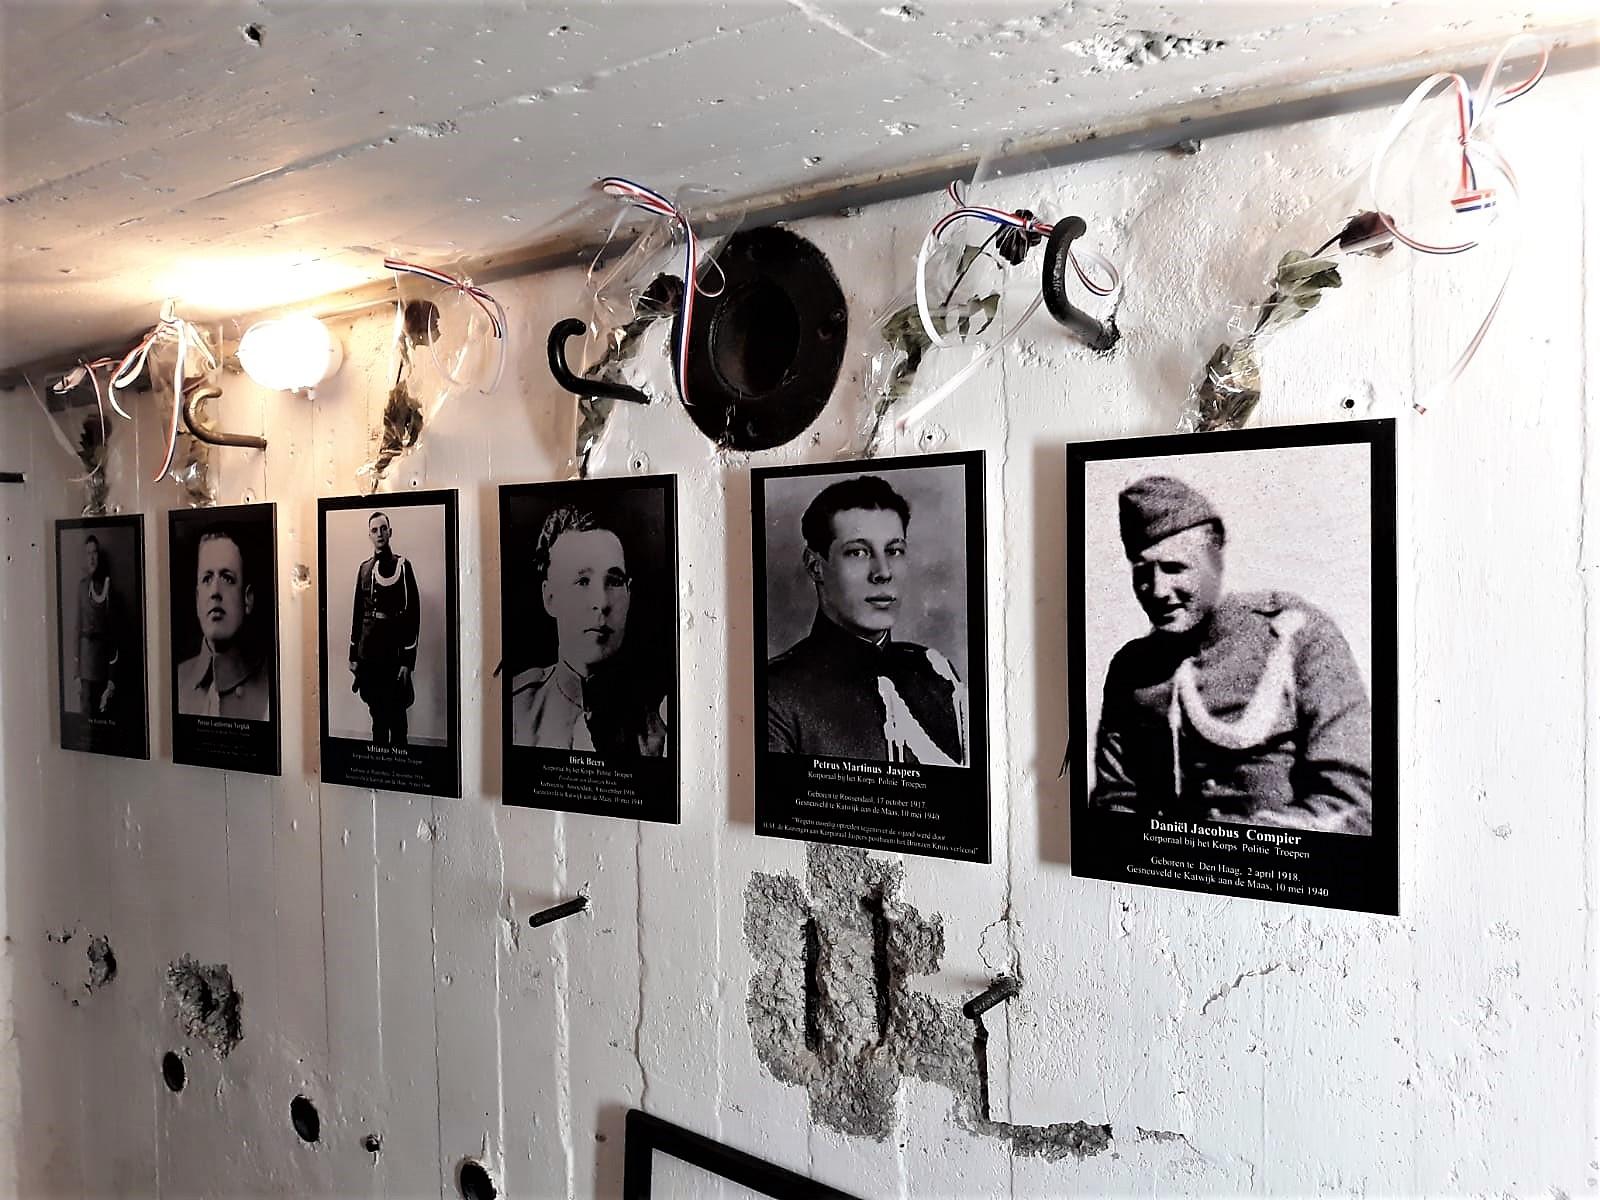 De 5 jonge mannen die overleden nadat een Duitse granaat door het schietgat direct insloeg. De meeste waren nog geen 28 jaren jong...